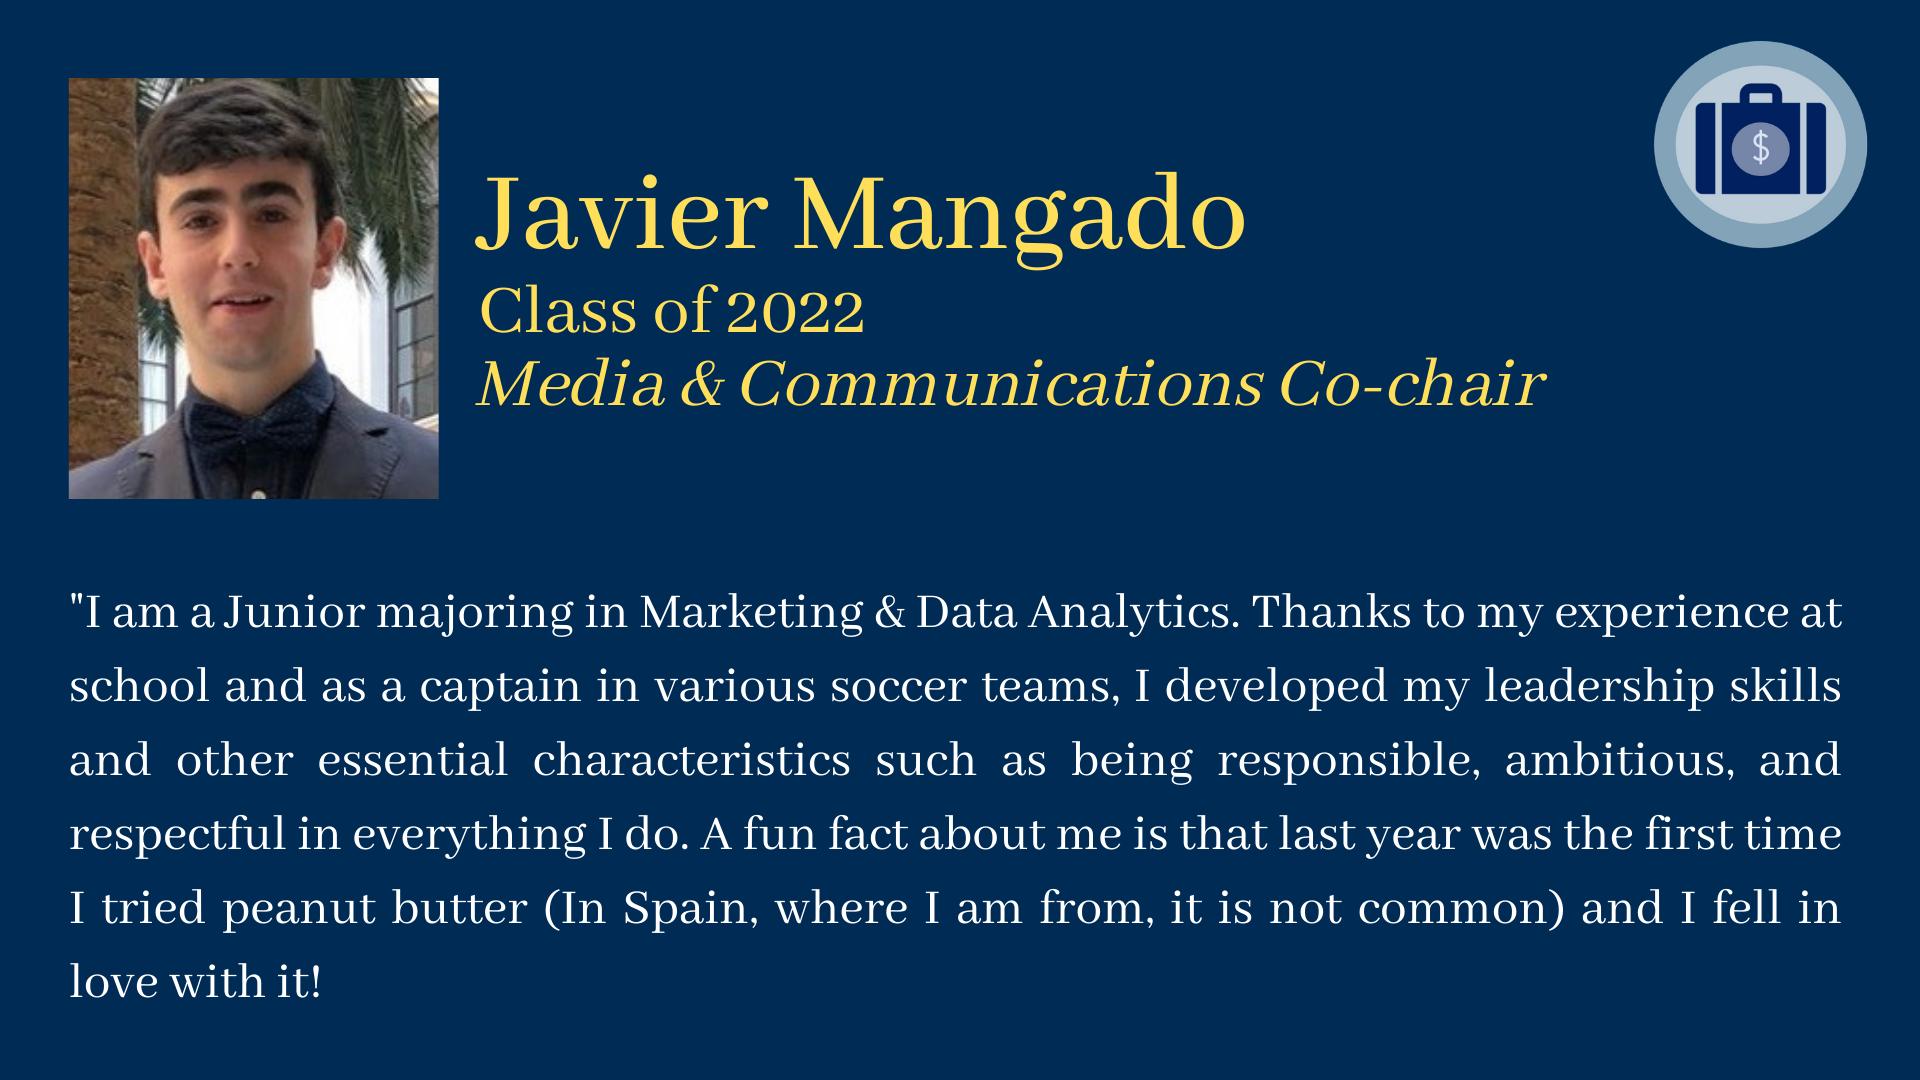 Javier Mangado bio